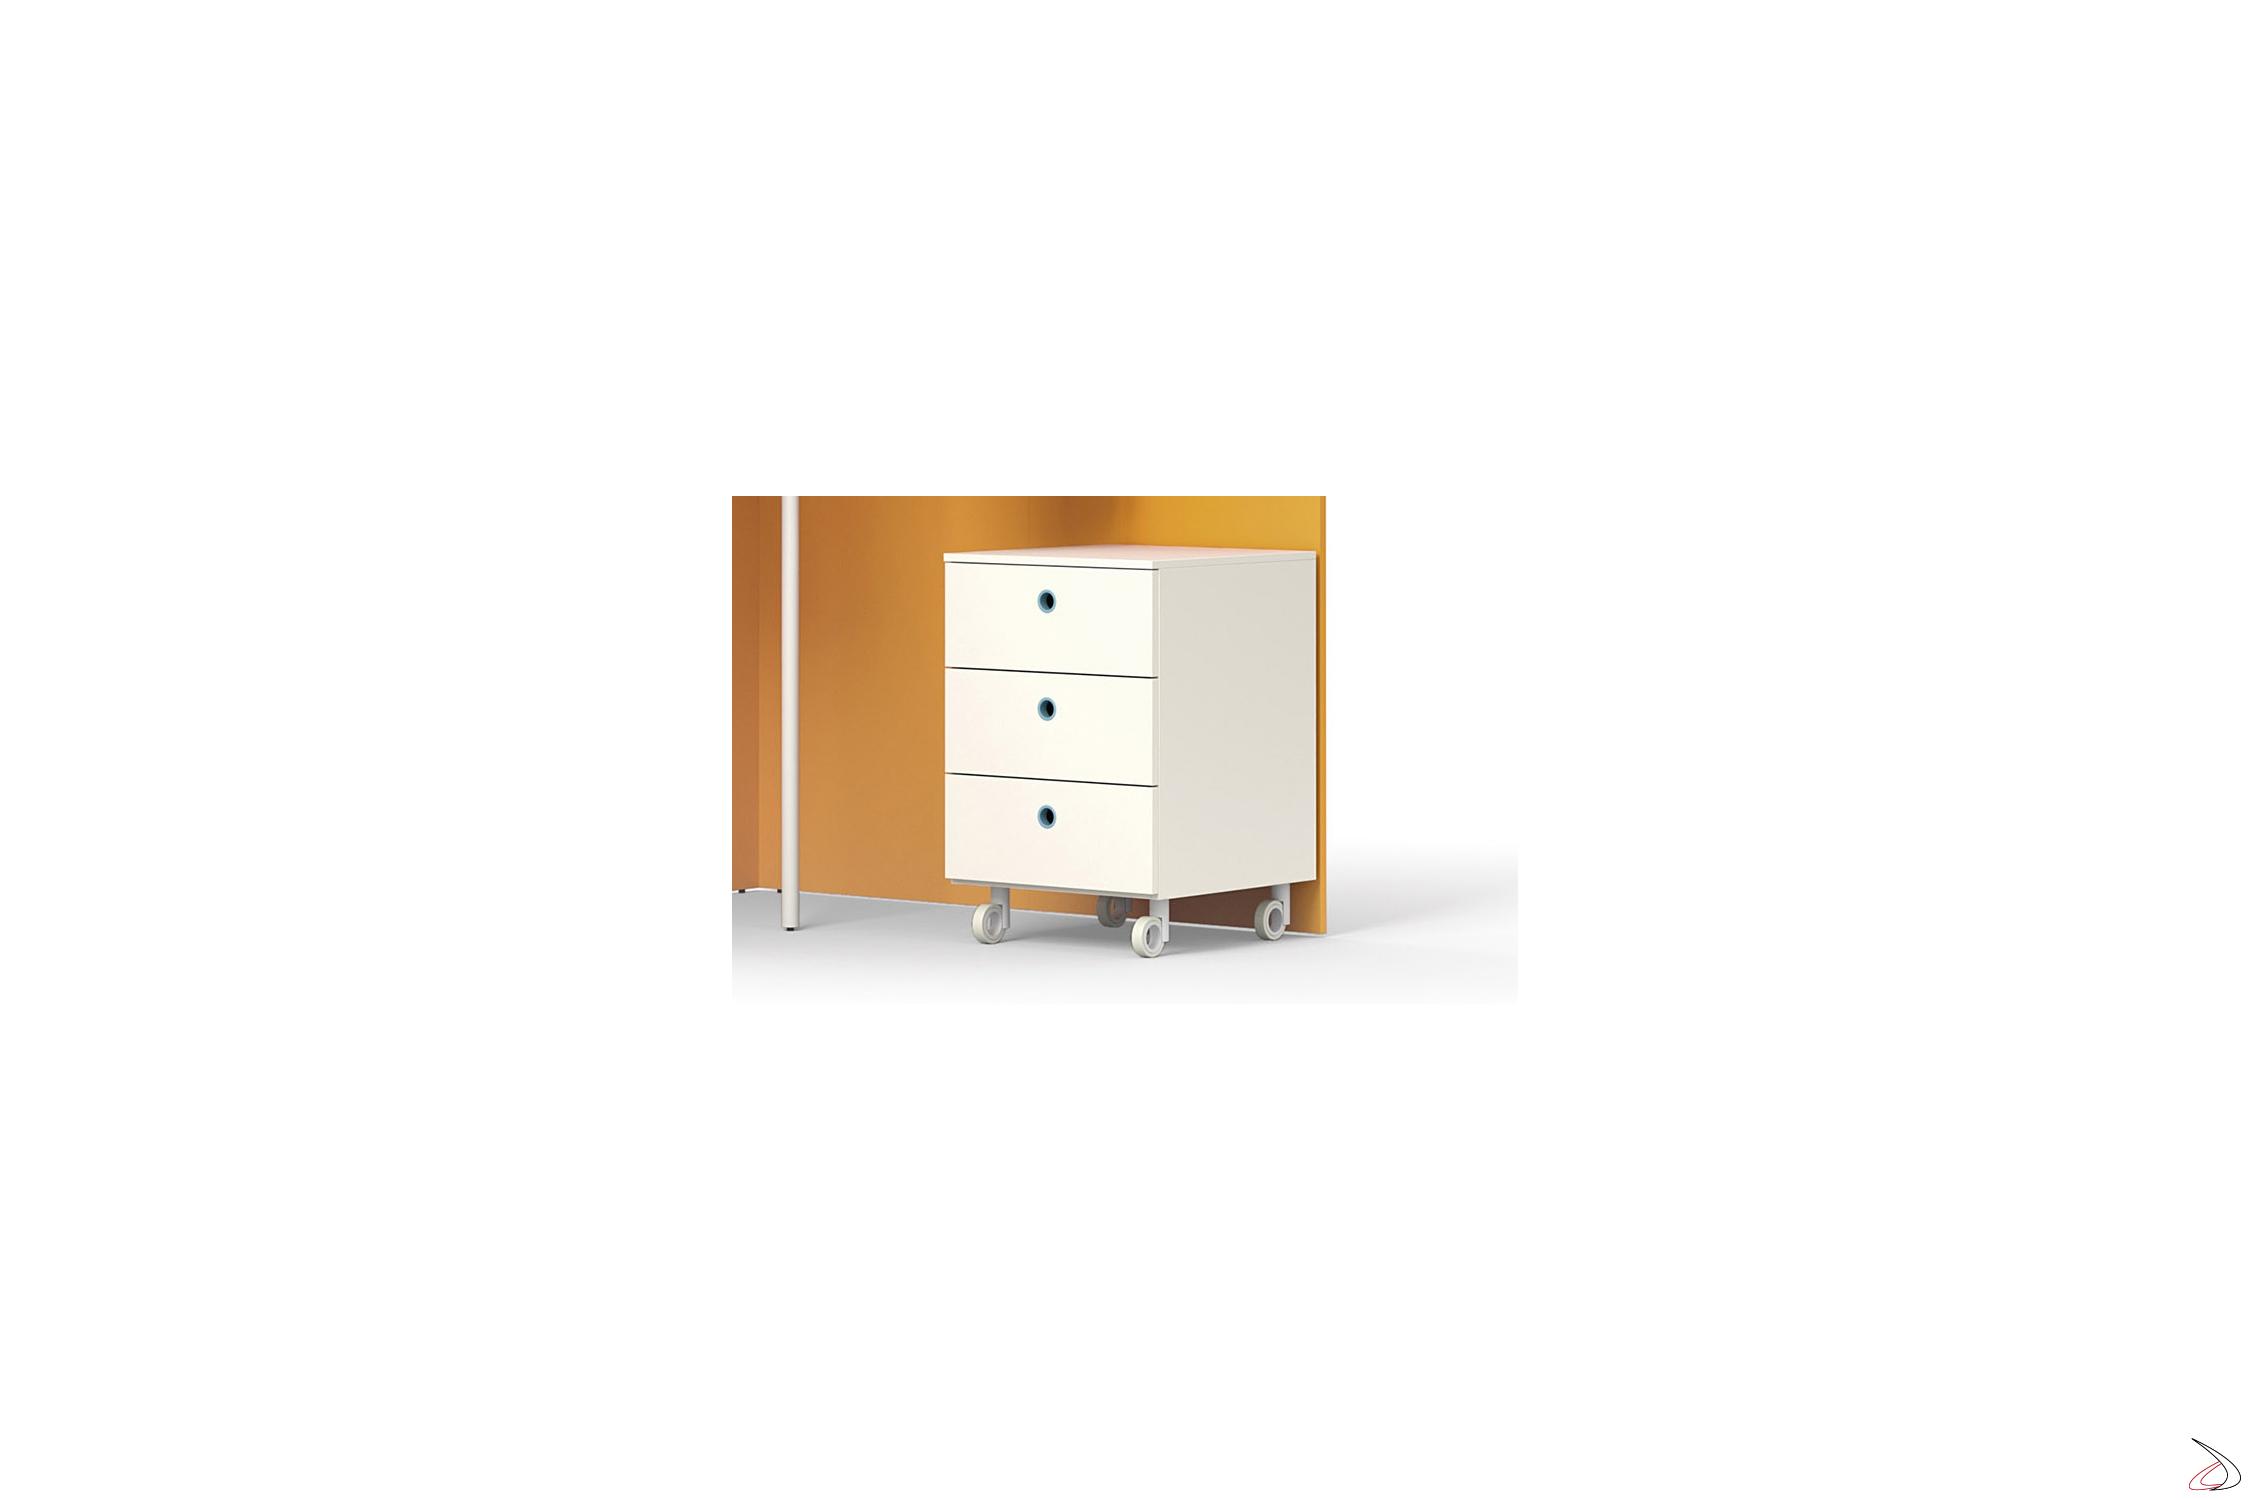 Cassettiere Con Ruote Per Camerette.Cassettiera Su Ruote Moderna Kiddy Toparredi Arredo Design Online